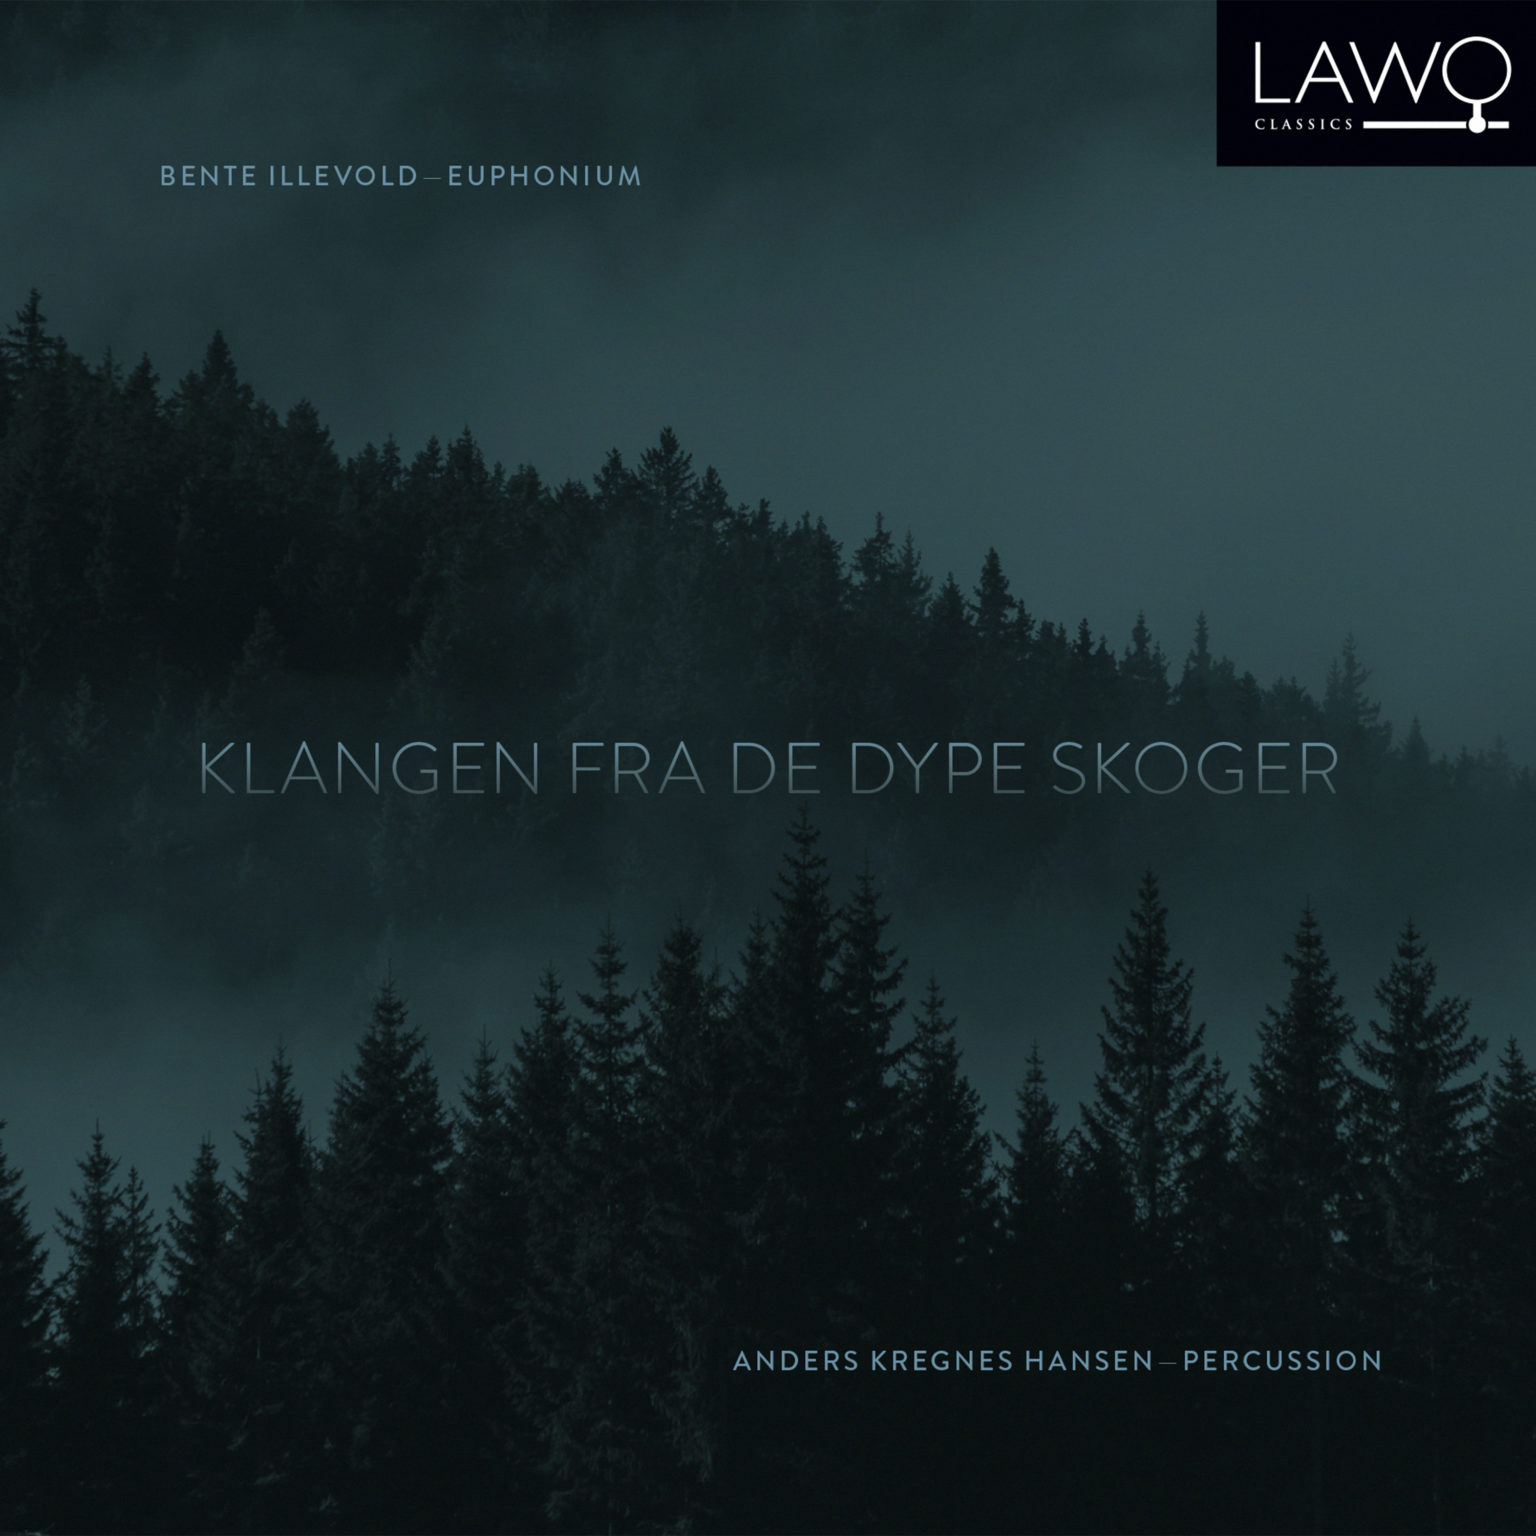 Click image for larger version.  Name:LWC1195_Bente_Illevold_Klangen_fra_de_dype_skoger_cover_3000x3000px-1536x1536.jpg Views:311 Size:174.8 KB ID:7720